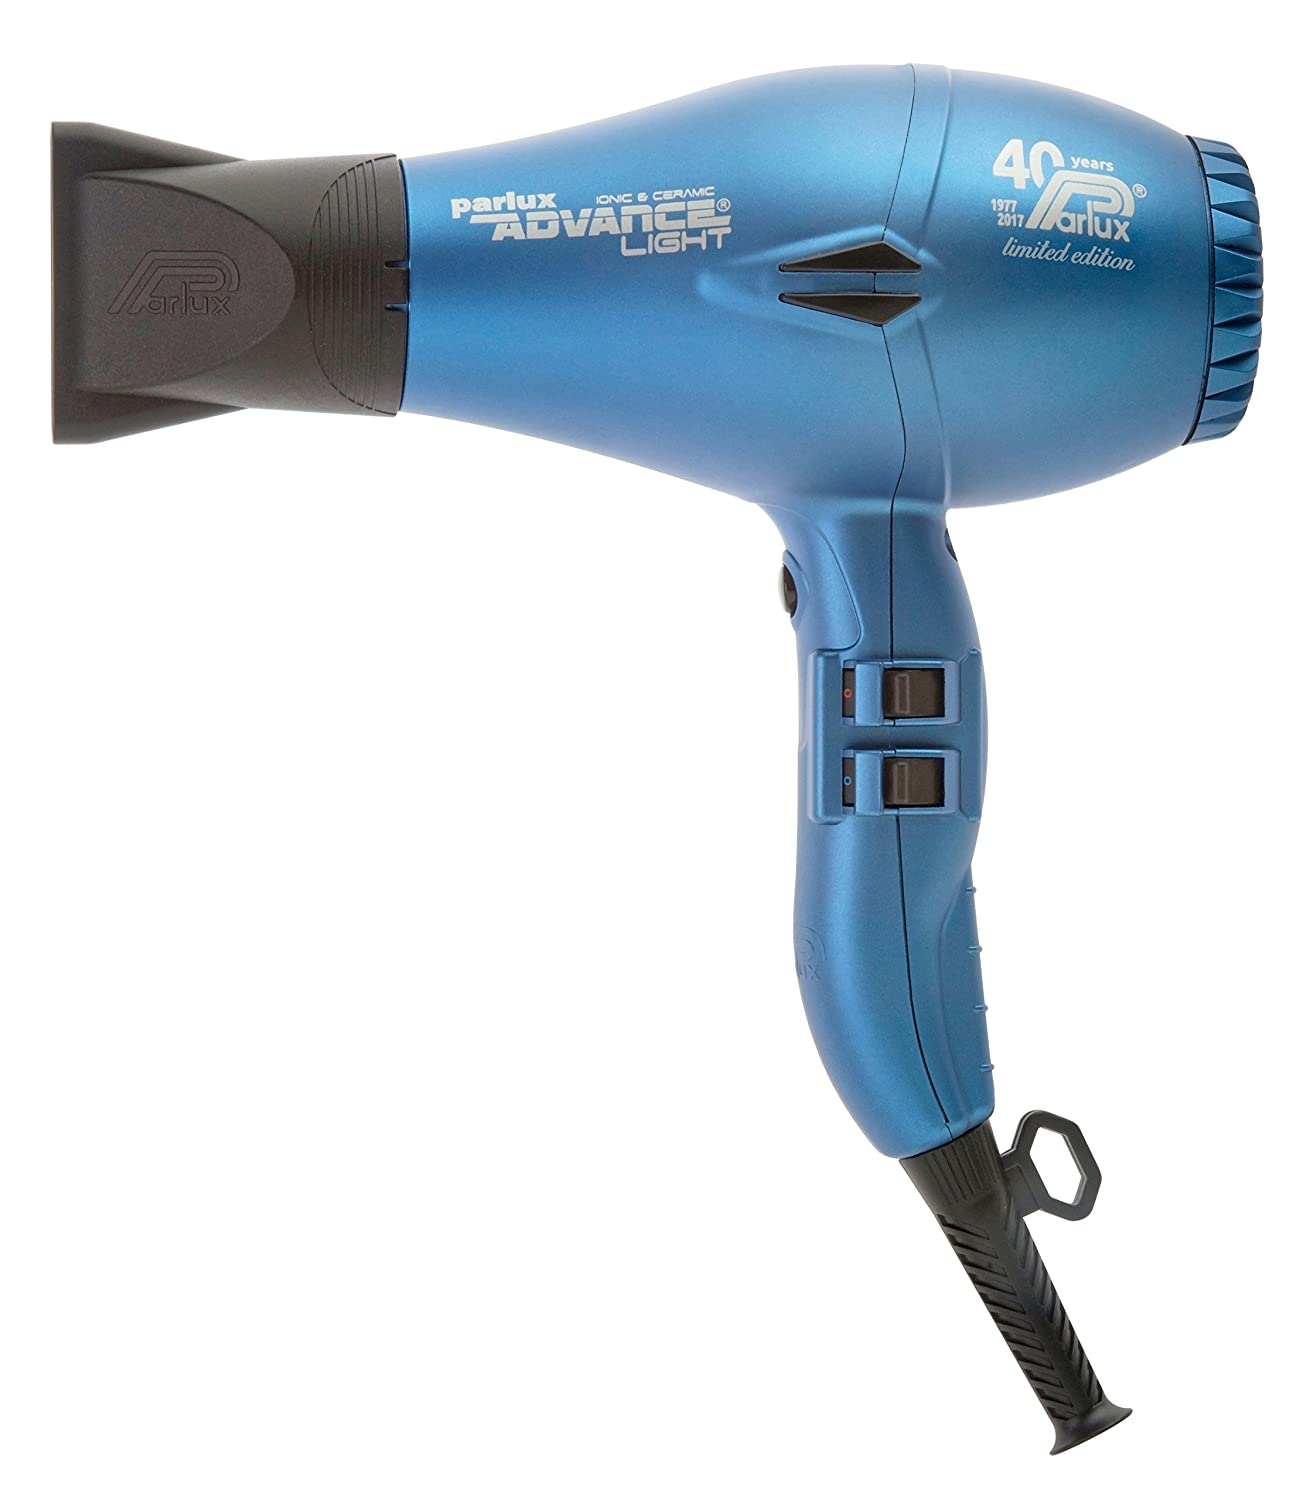 Parlux Advance Light - Secador de pelo ionico, Azul: Amazon.es: Salud y cuidado personal